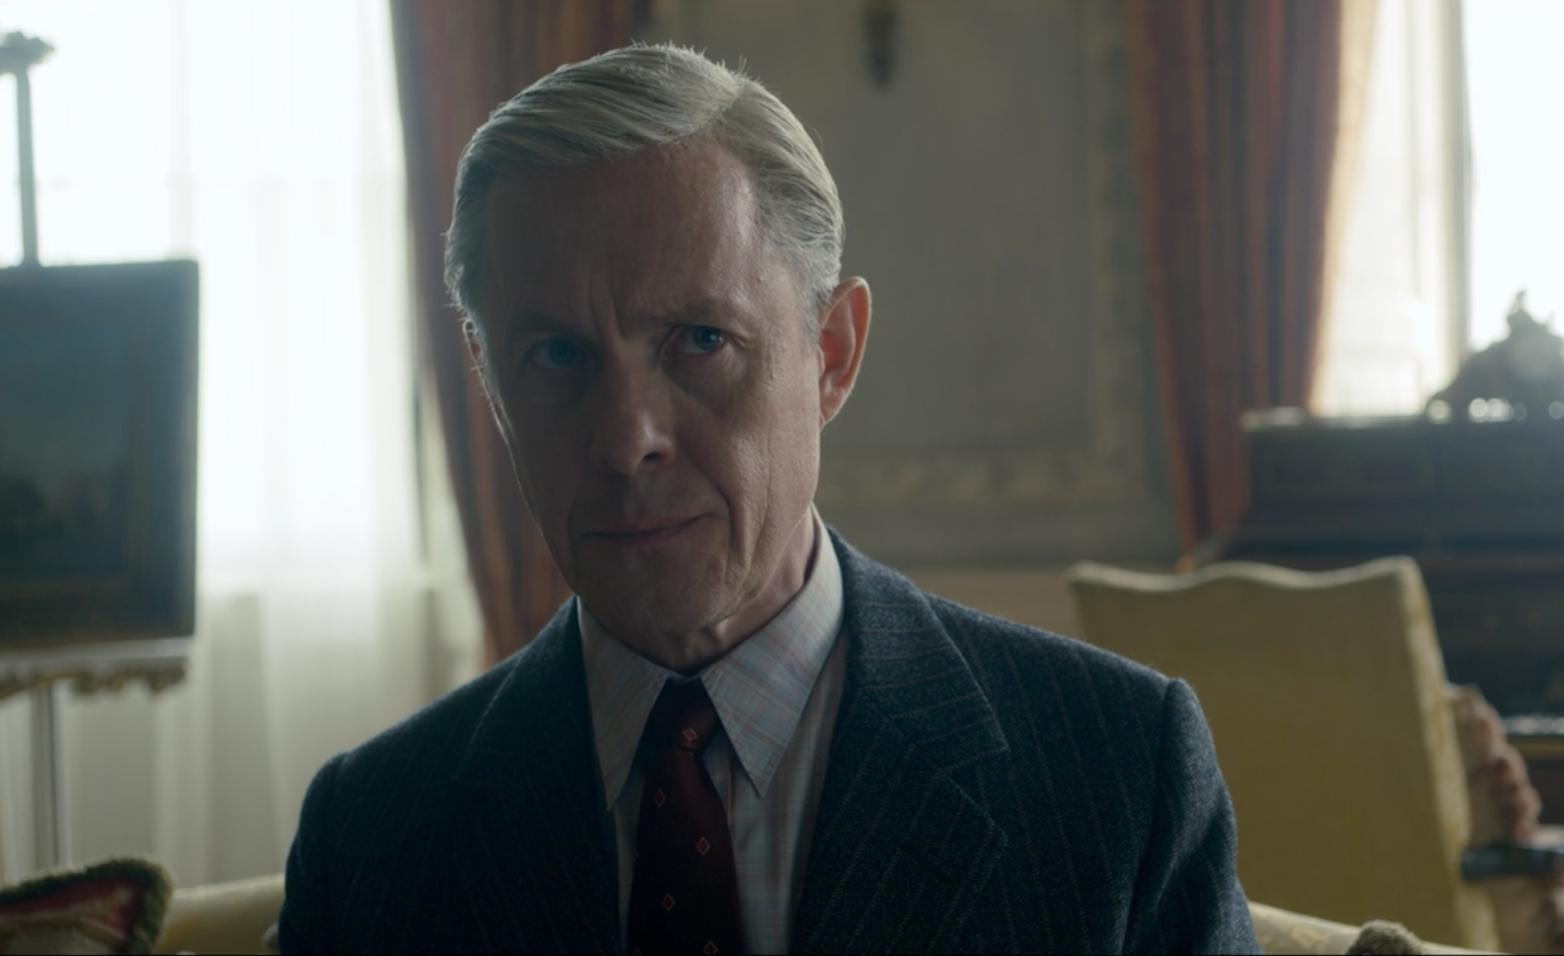 Netflix's 'The Crown' paints Edward VIII as Nazi sympathizer